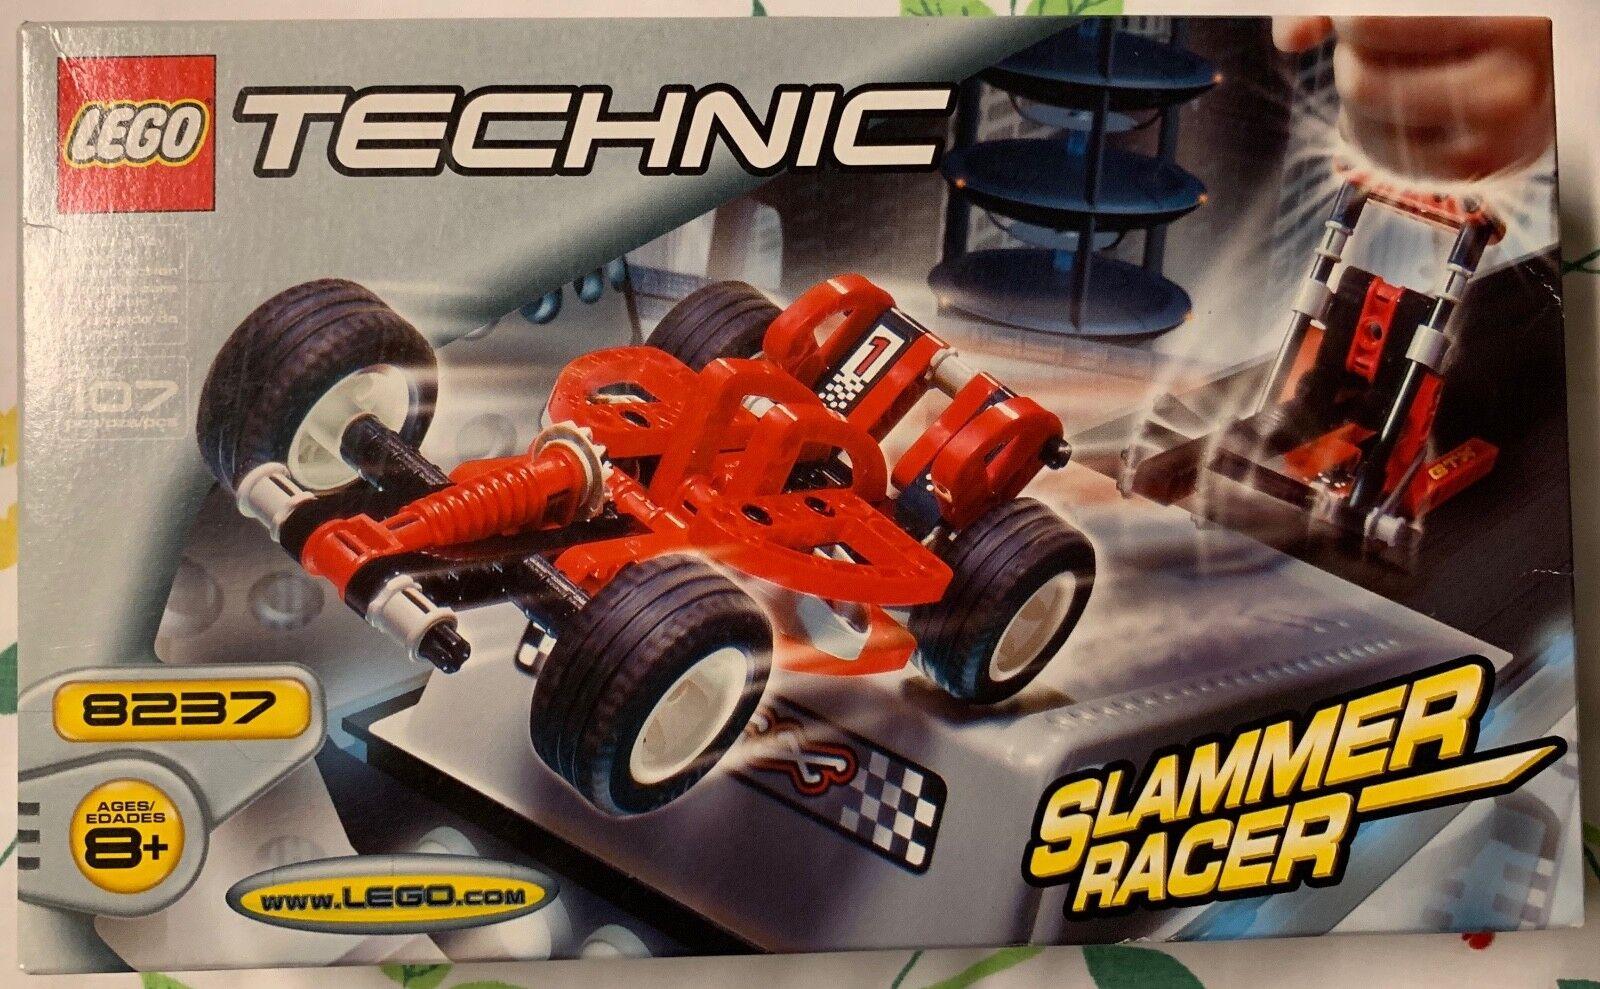 LEGO TECHNIC Slammer Racer (8237) NEW, SEALED, RETIrot